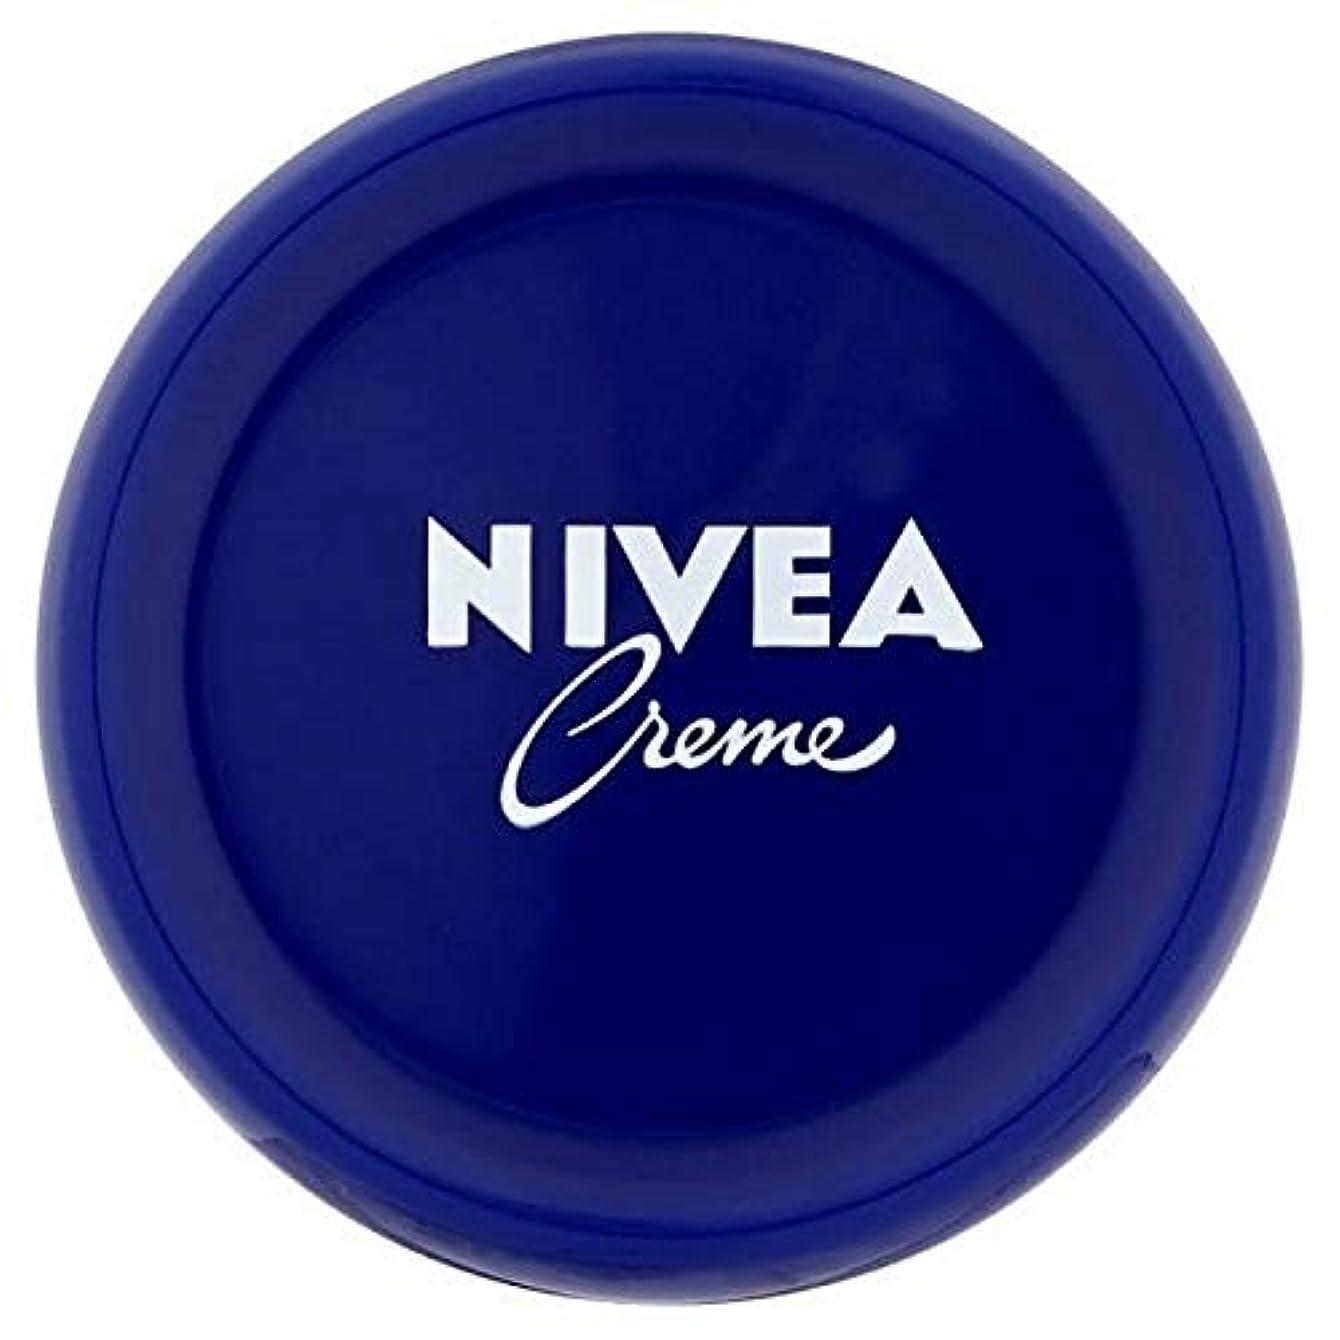 潜在的な乳白前任者[Nivea ] ニベアクリーム万能ボディクリーム、50ミリリットル - NIVEA Creme All Purpose Body Cream, 50ml [並行輸入品]